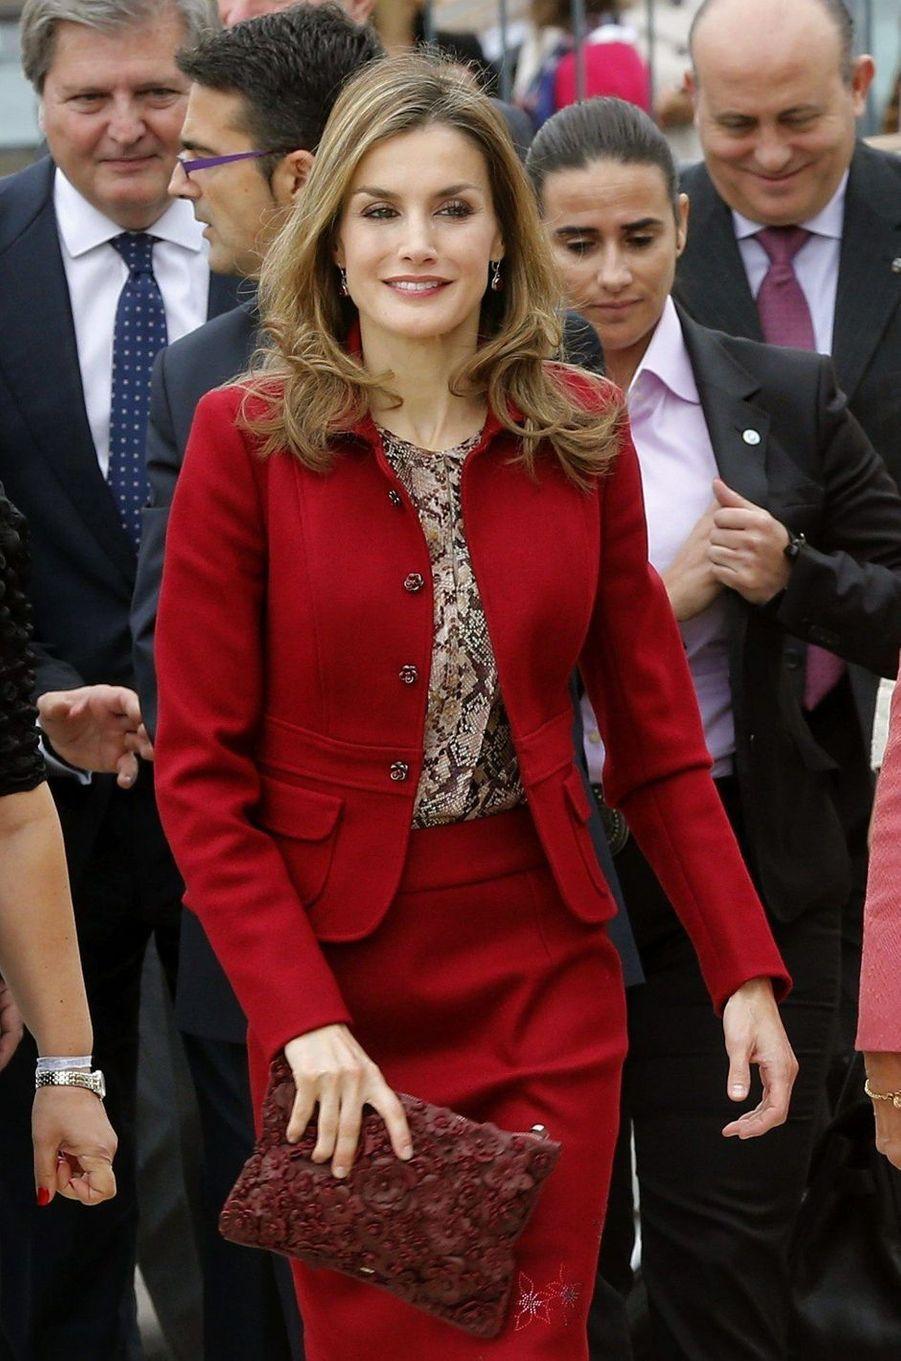 La reine Letizia d'Espagne avec une pochette rouge Uterqüe à décor de fleurs en cuir, le 7 novembre 2014